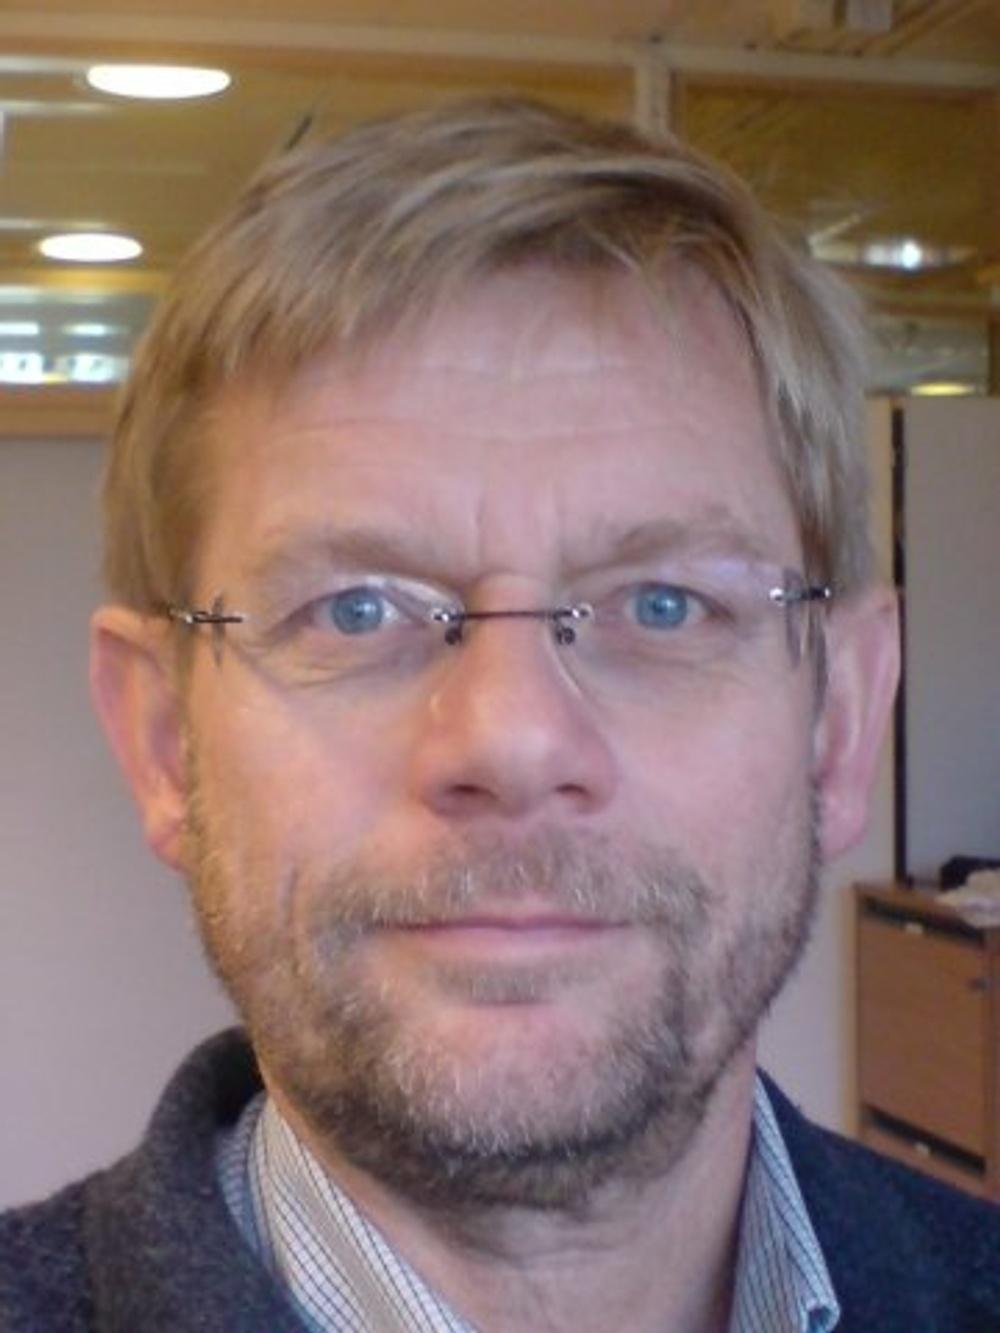 Gunnar Johanson